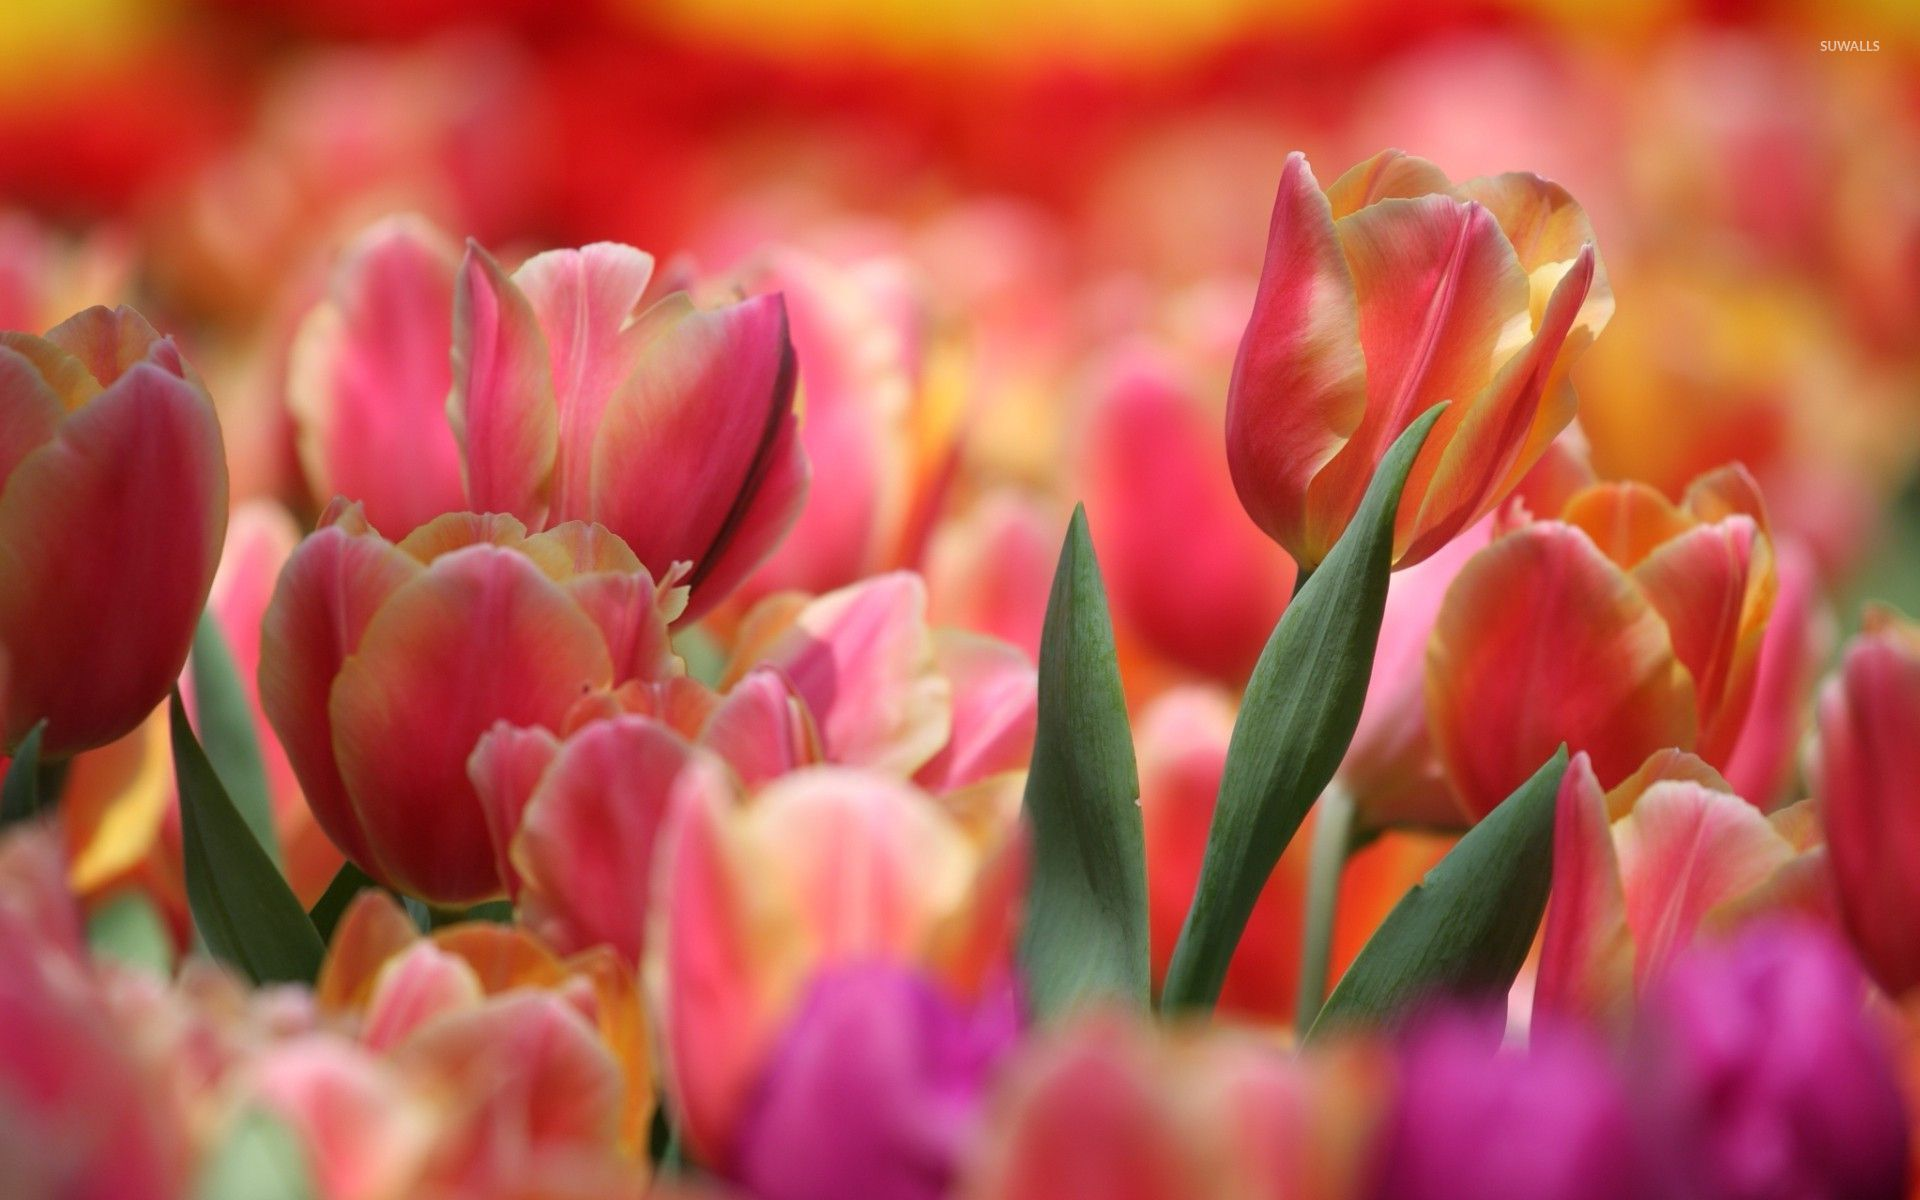 макро цветы красные природа тюльпаны  № 3286394 бесплатно